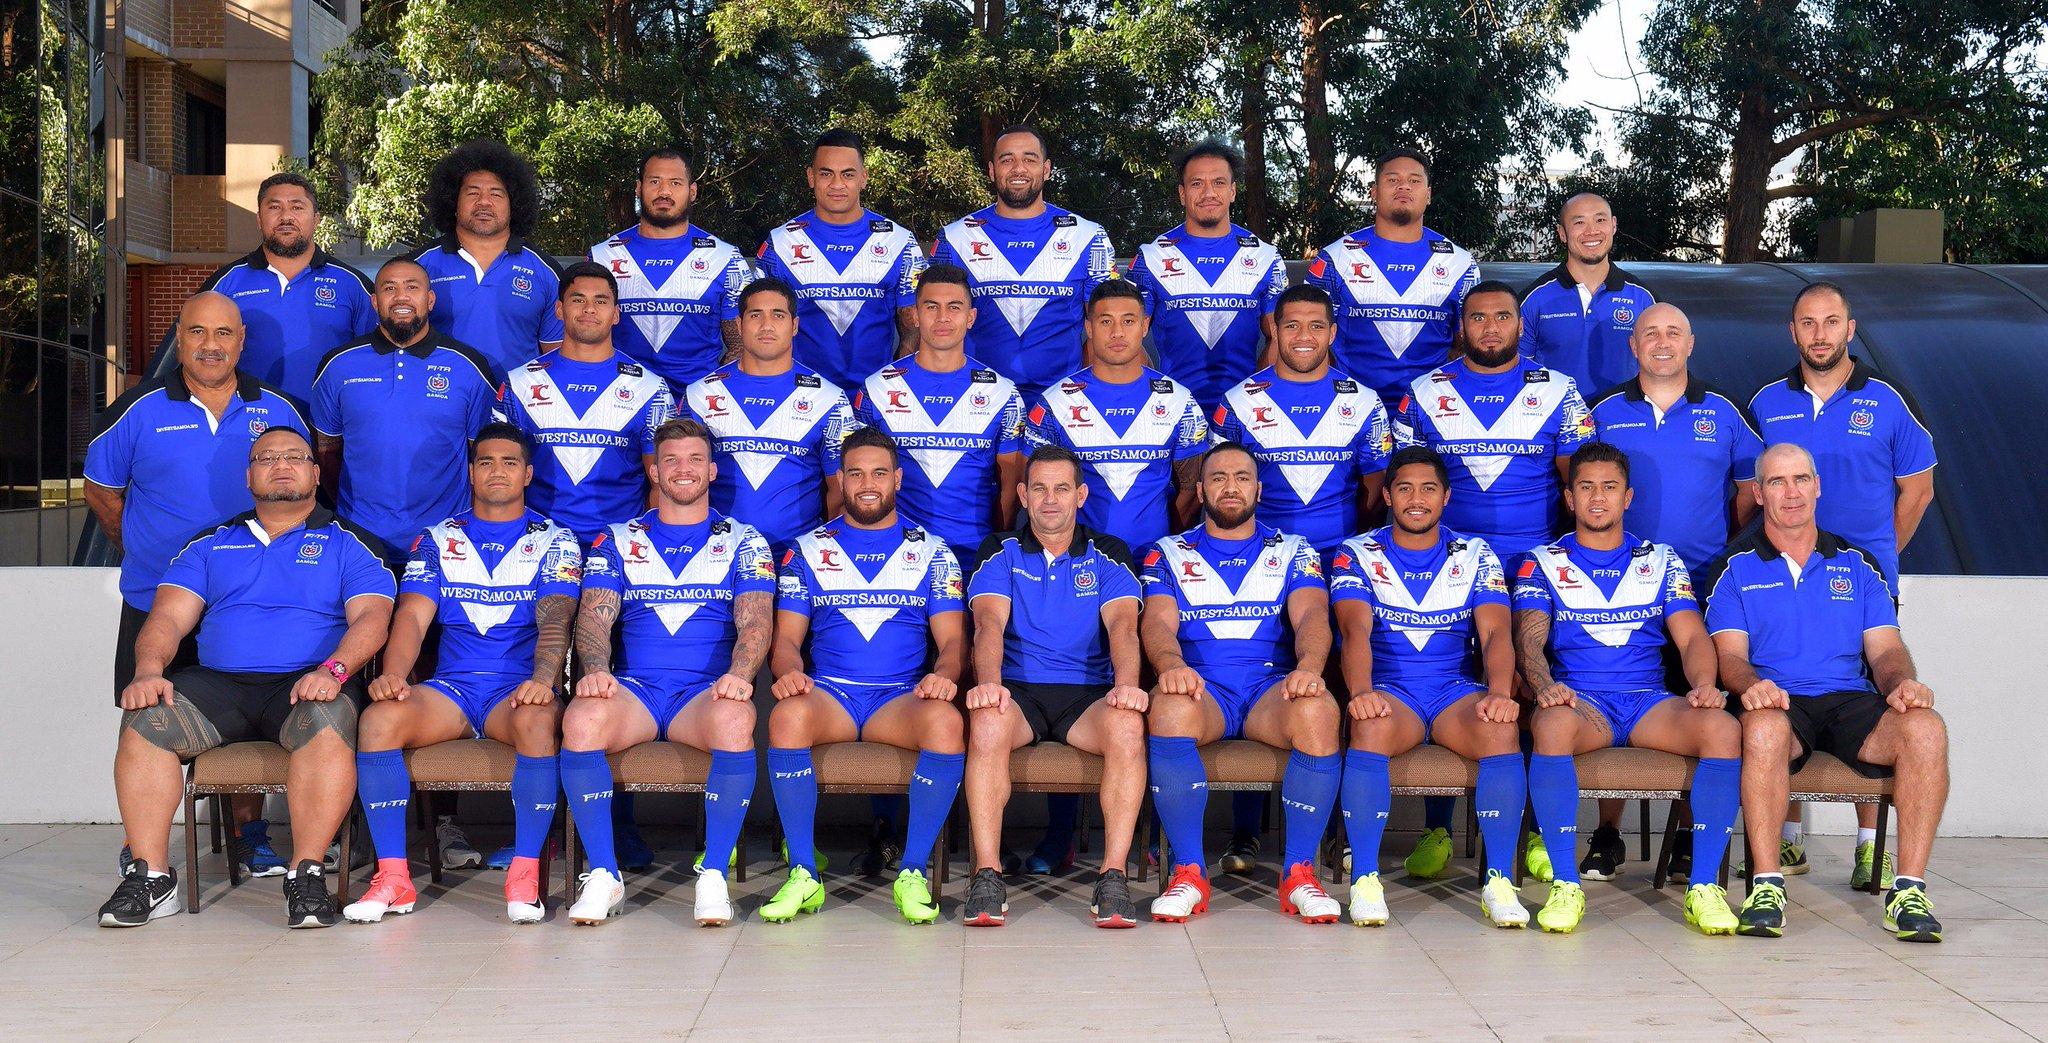 Toa Samoa on Twitter: \